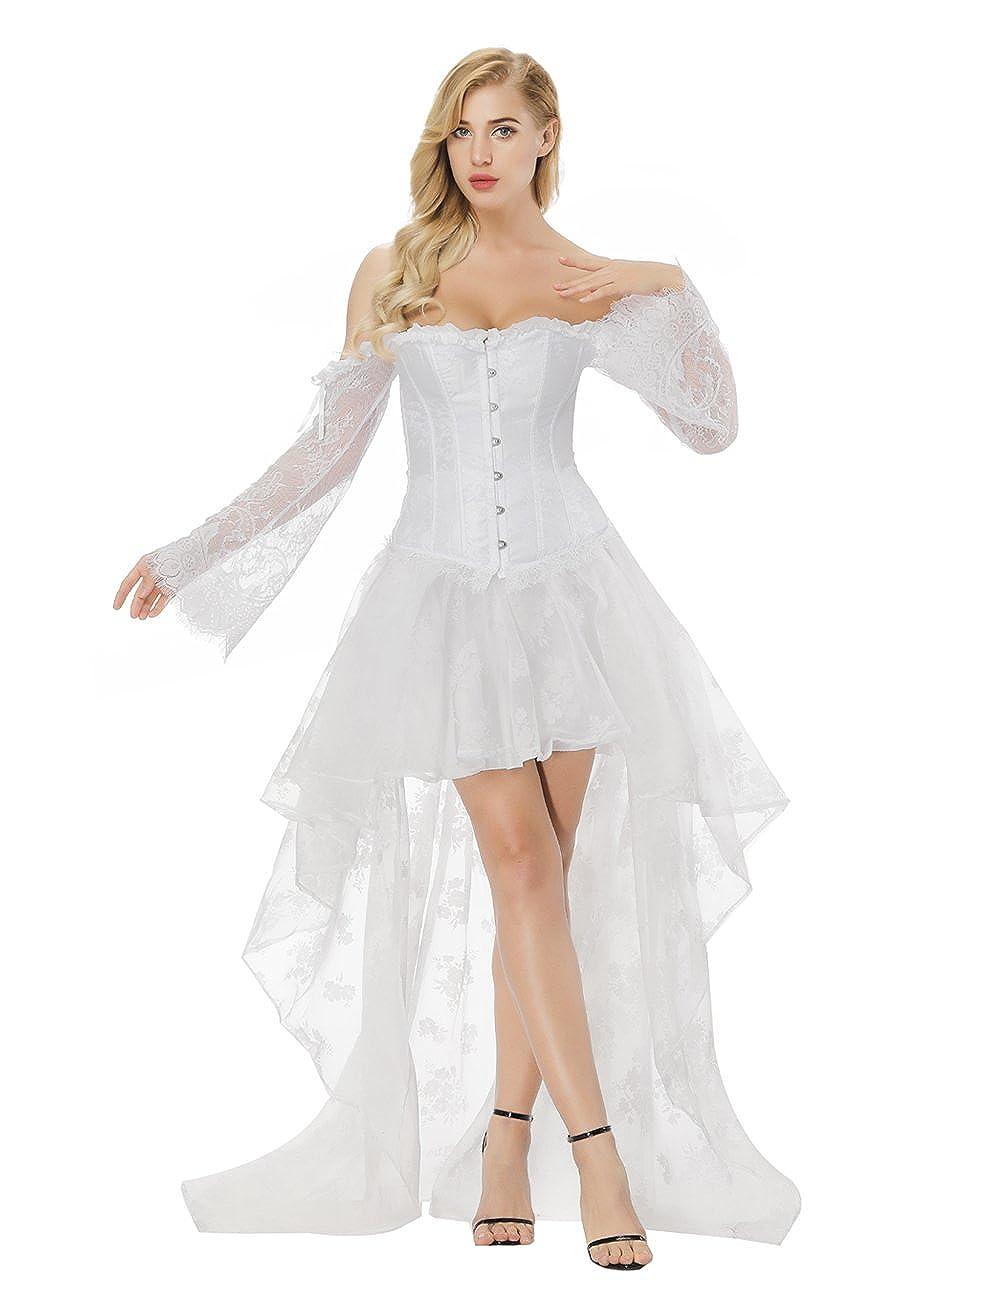 Grebrafan Steampunk Corset Blusa Fiesta Mujer Cors/é de Encaje y Falda Conjunto